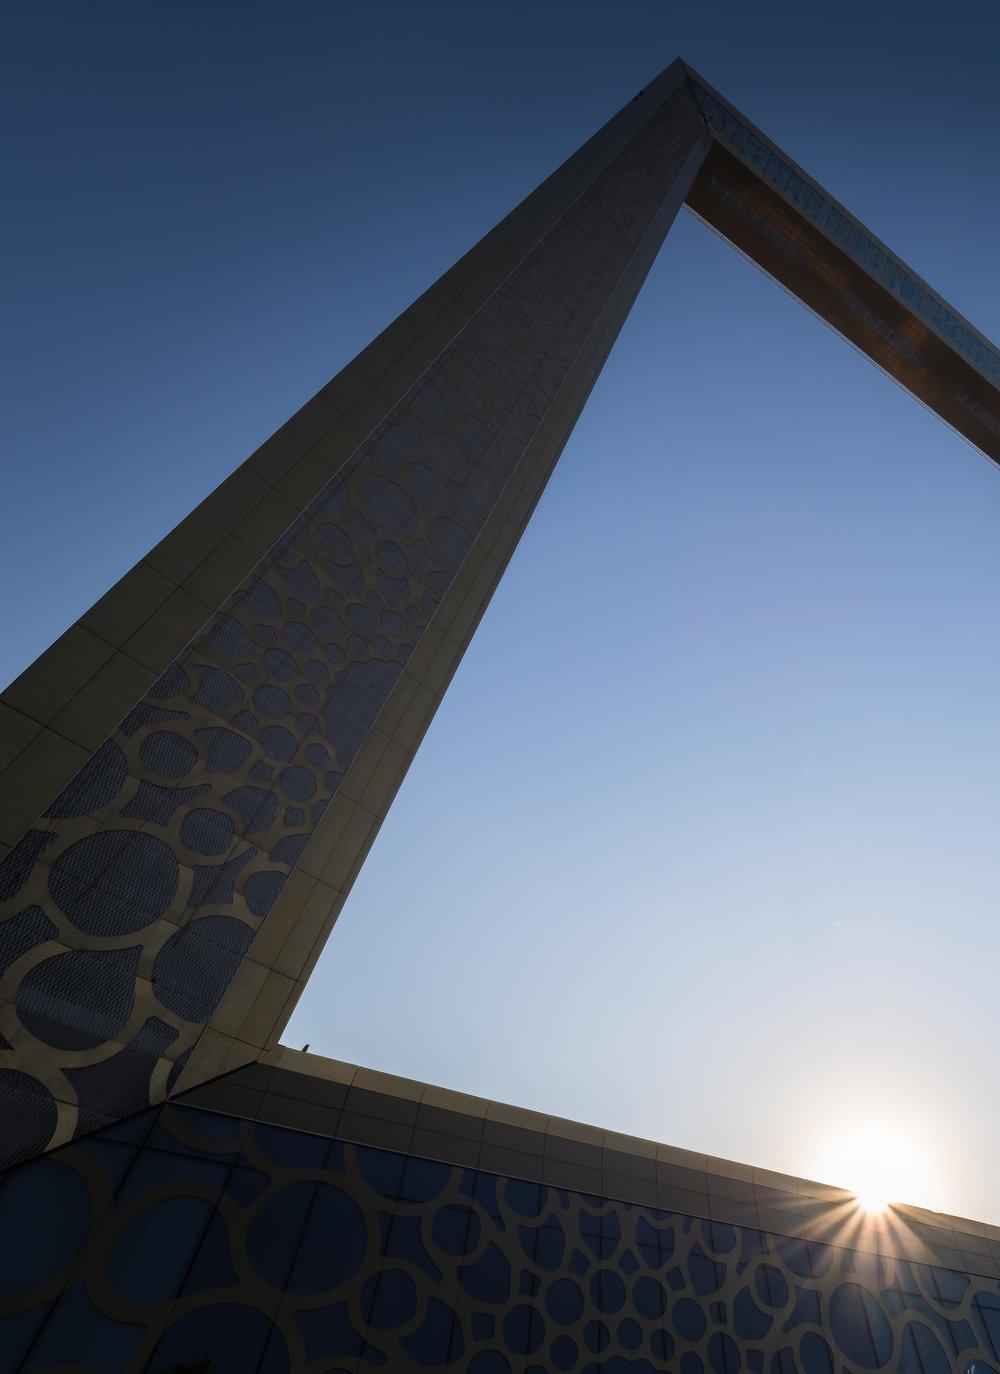 The Dubai Frame